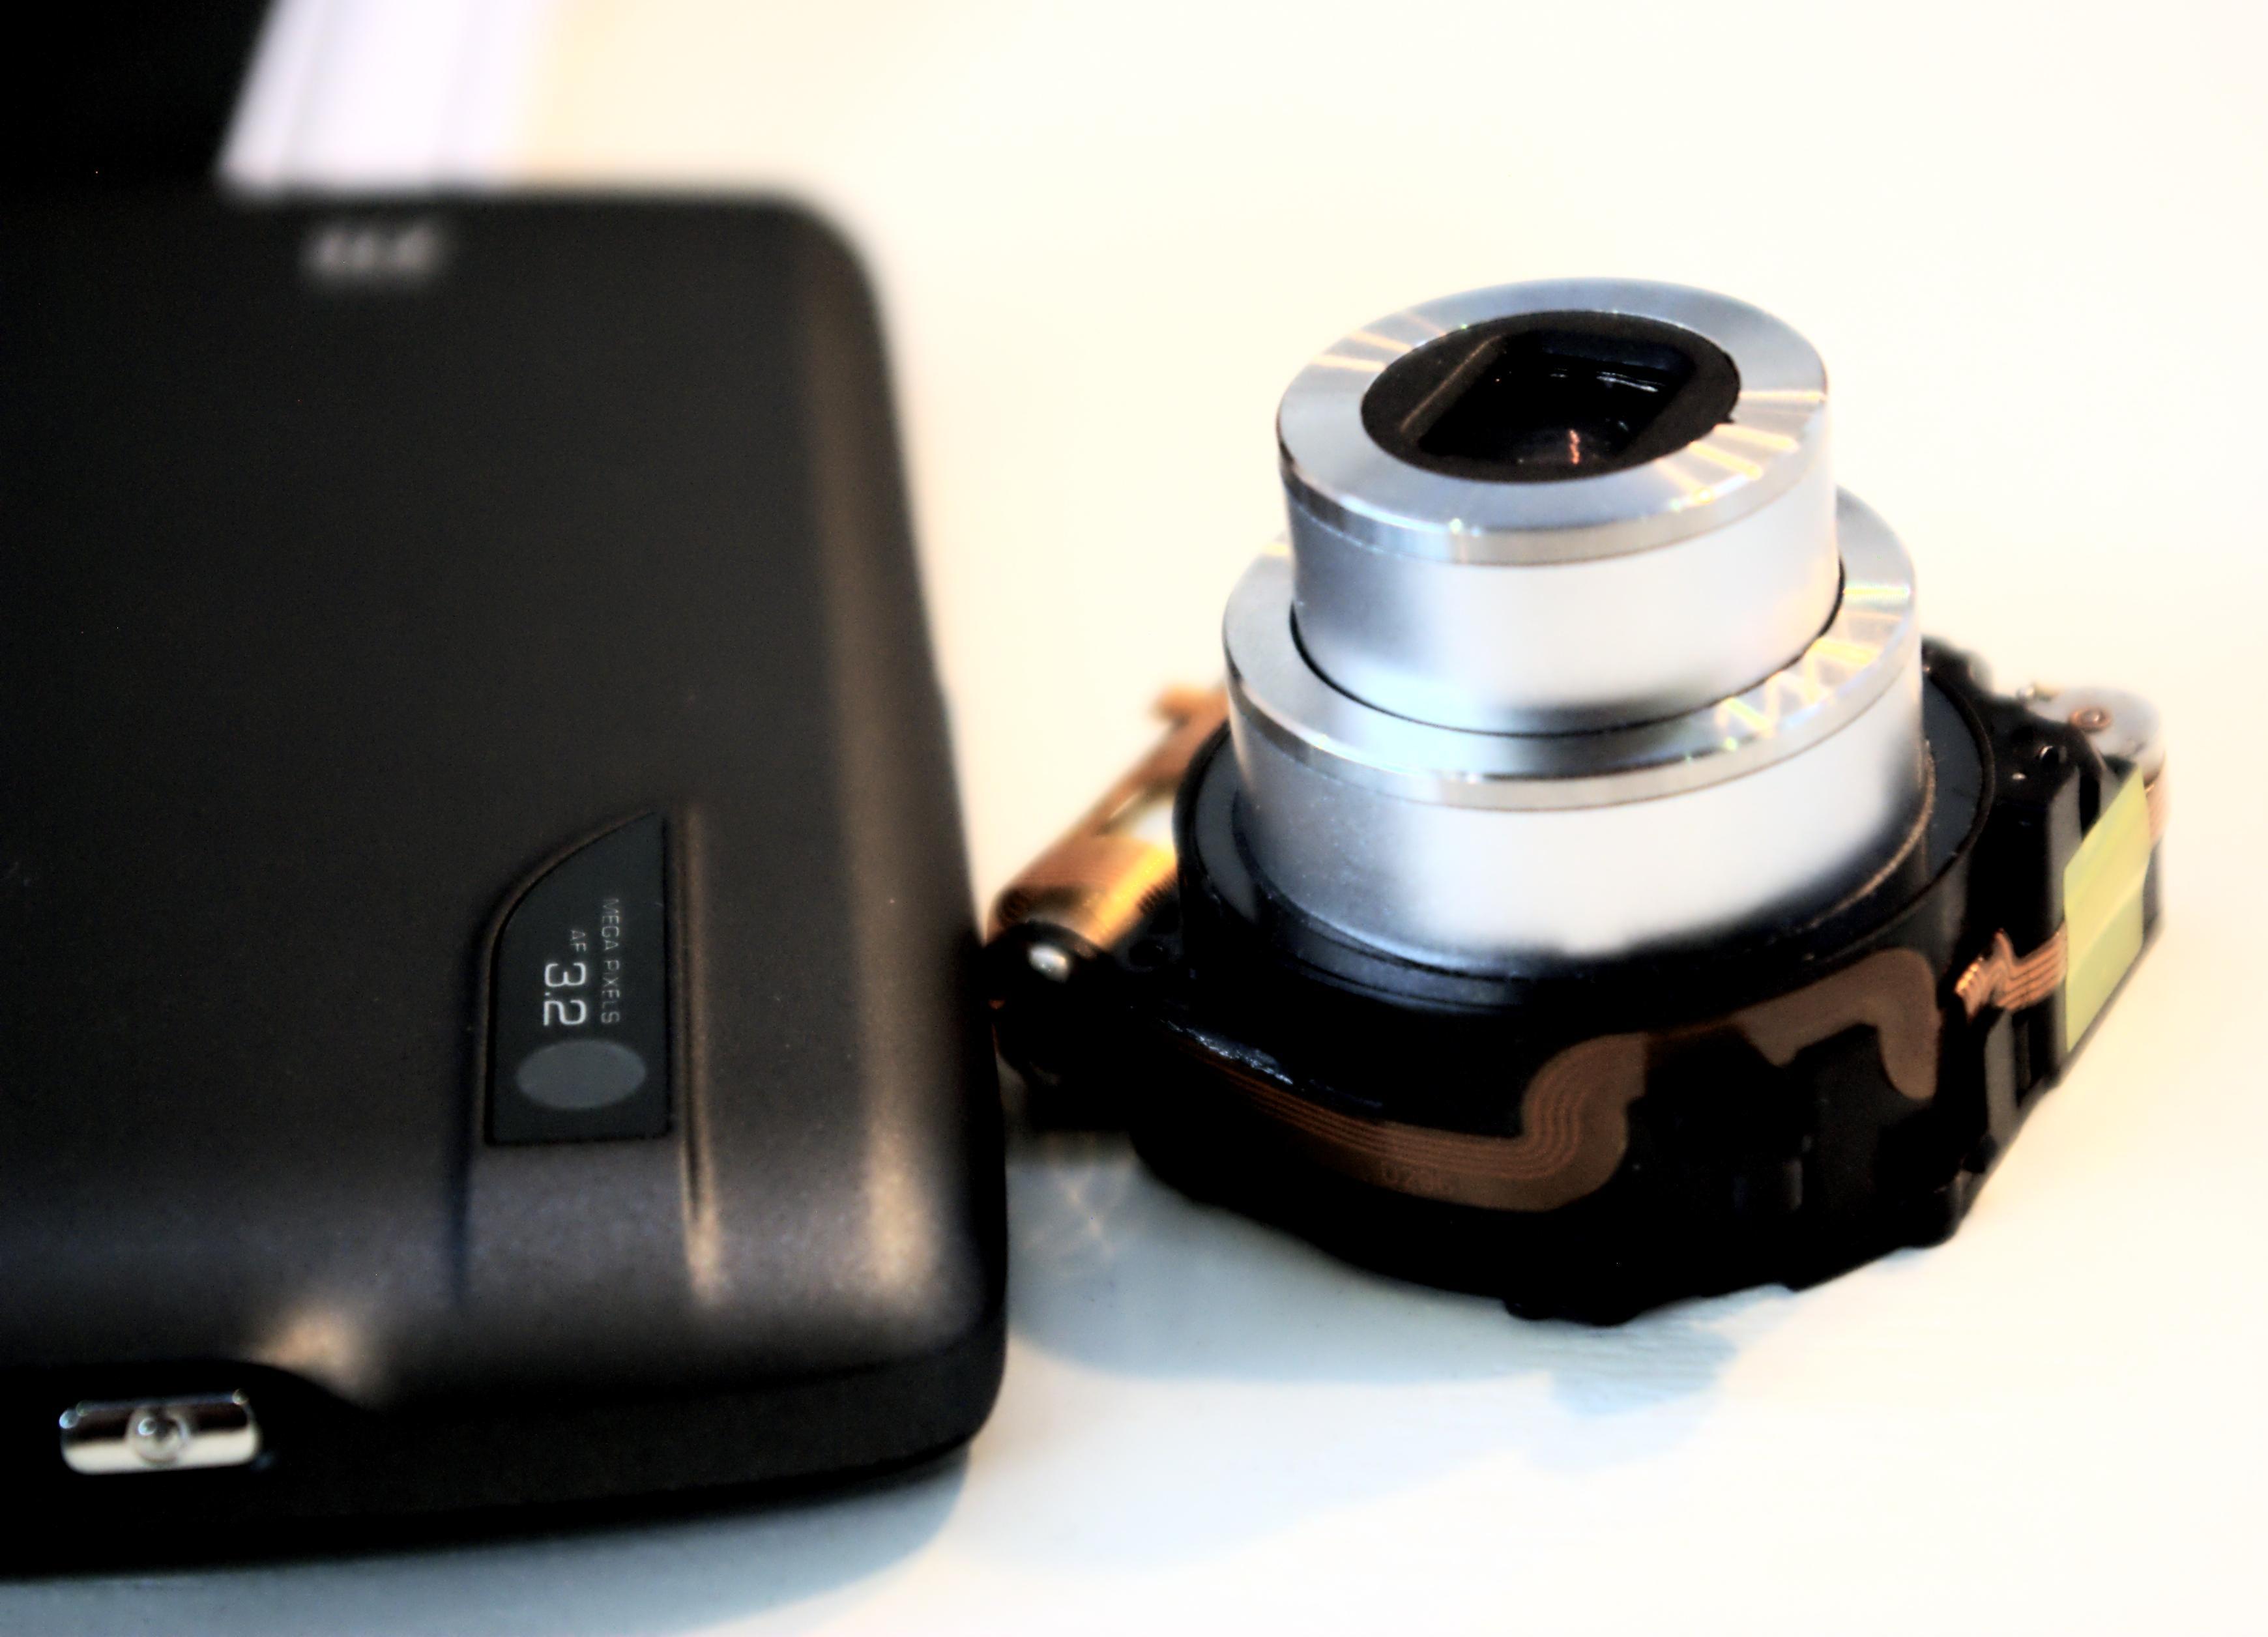 I forhold til kamerabiten i andre mobiltelefoner har den en betydelig størrelse.